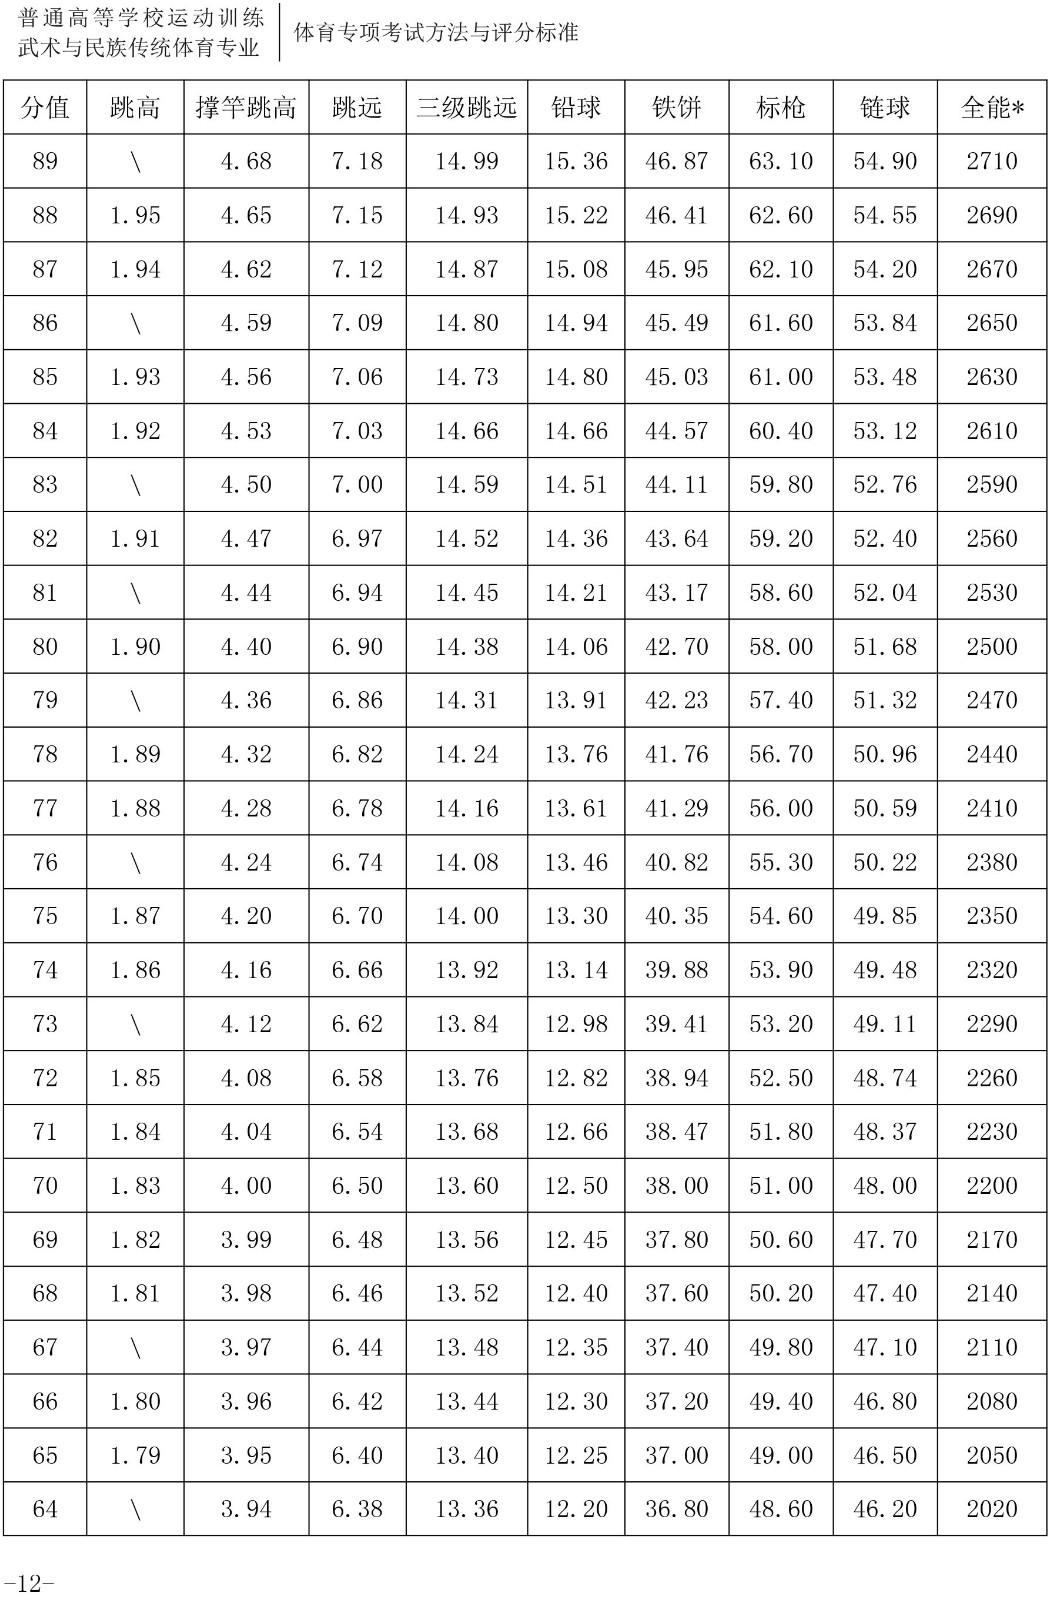 2020年体育单招专项(田径)考试与评分标准